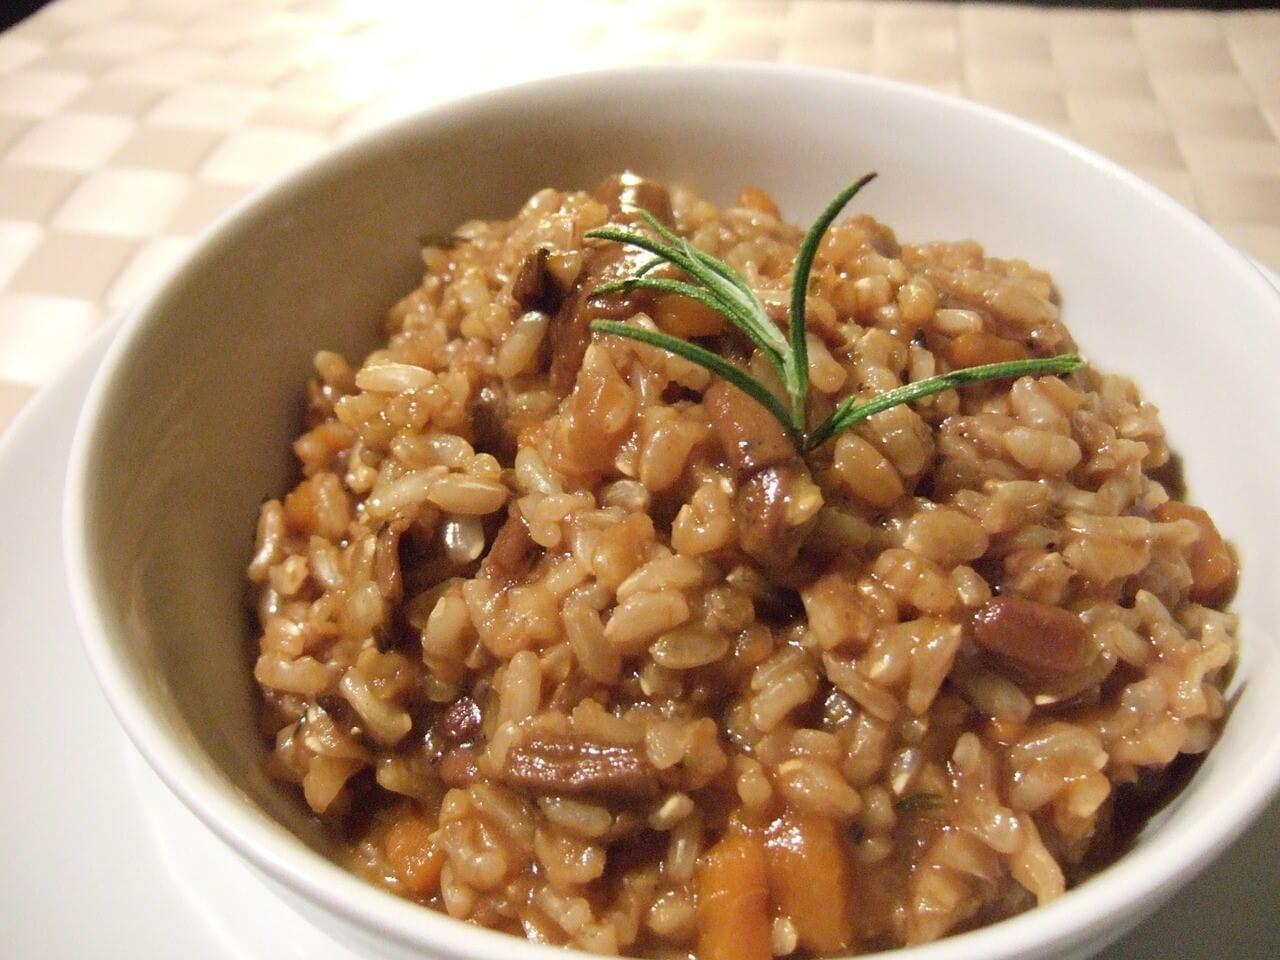 驚きの効果!マクロビオティックの基本「玄米菜食」がもたらすものとは?